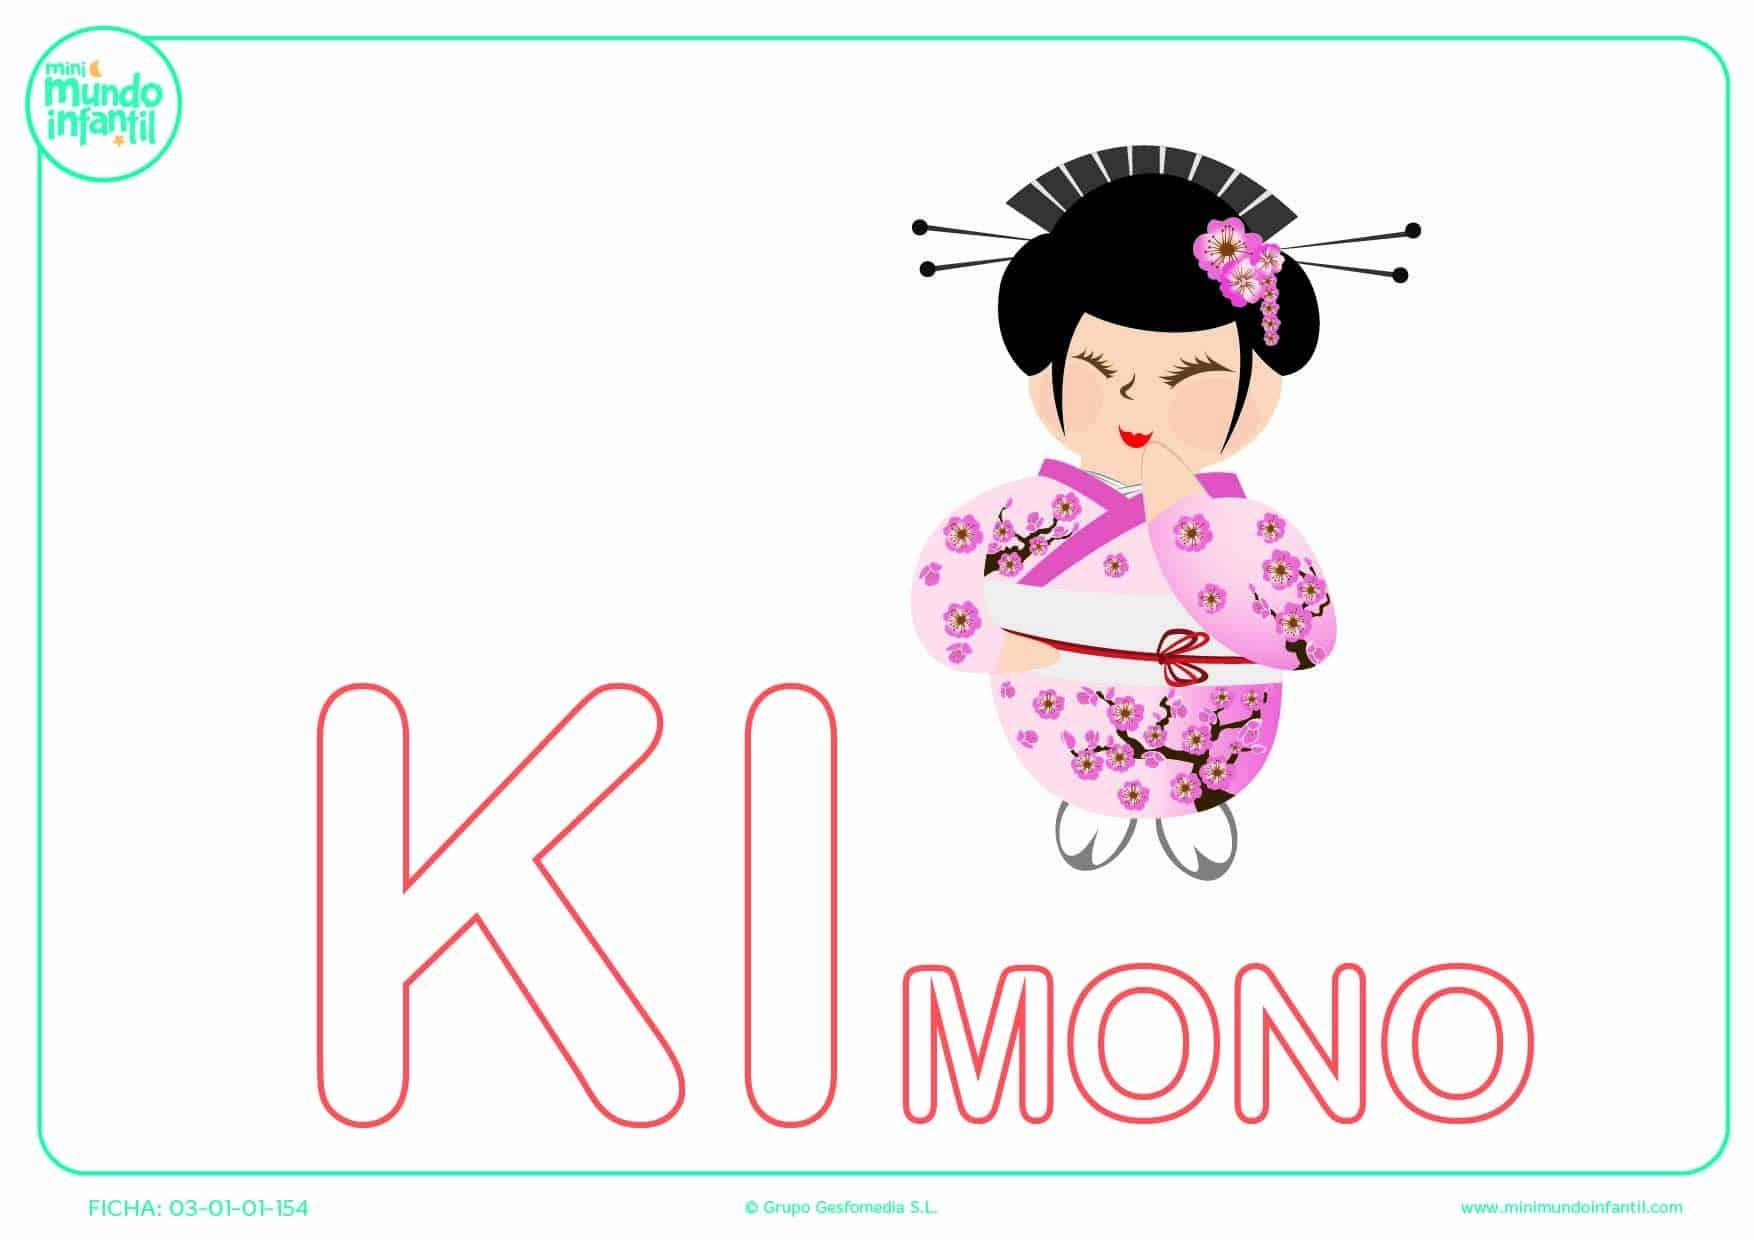 Sílaba KI de kimono en mayúsculas para rellenar